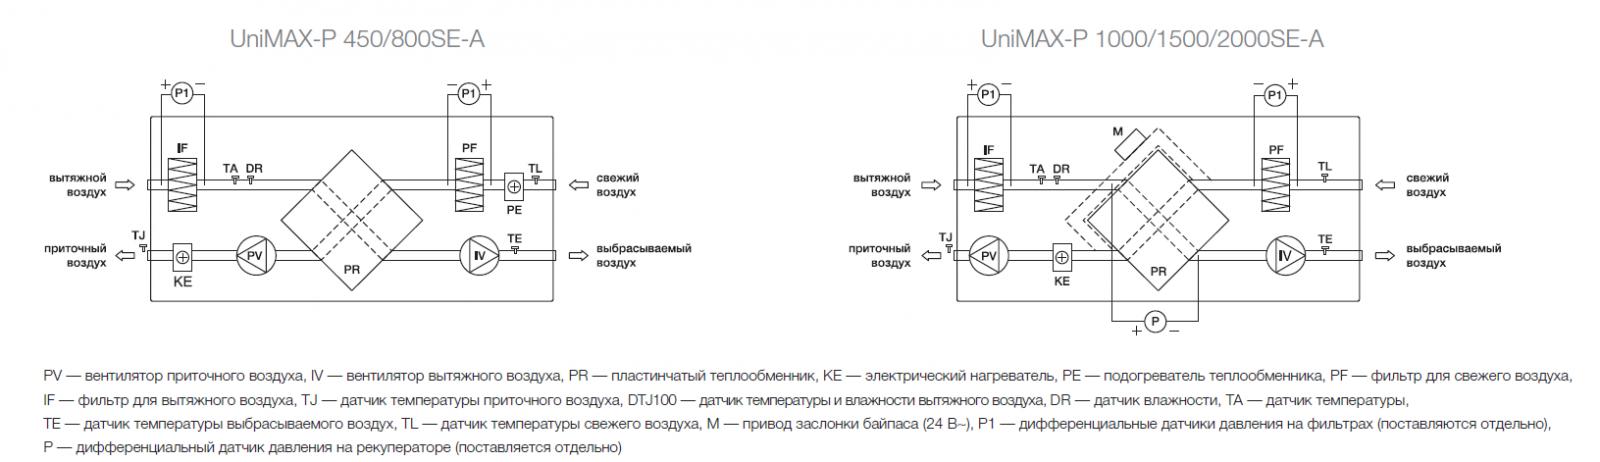 Принципиальная схема приточно-вытяжной установки Shuft Unimax-P SE